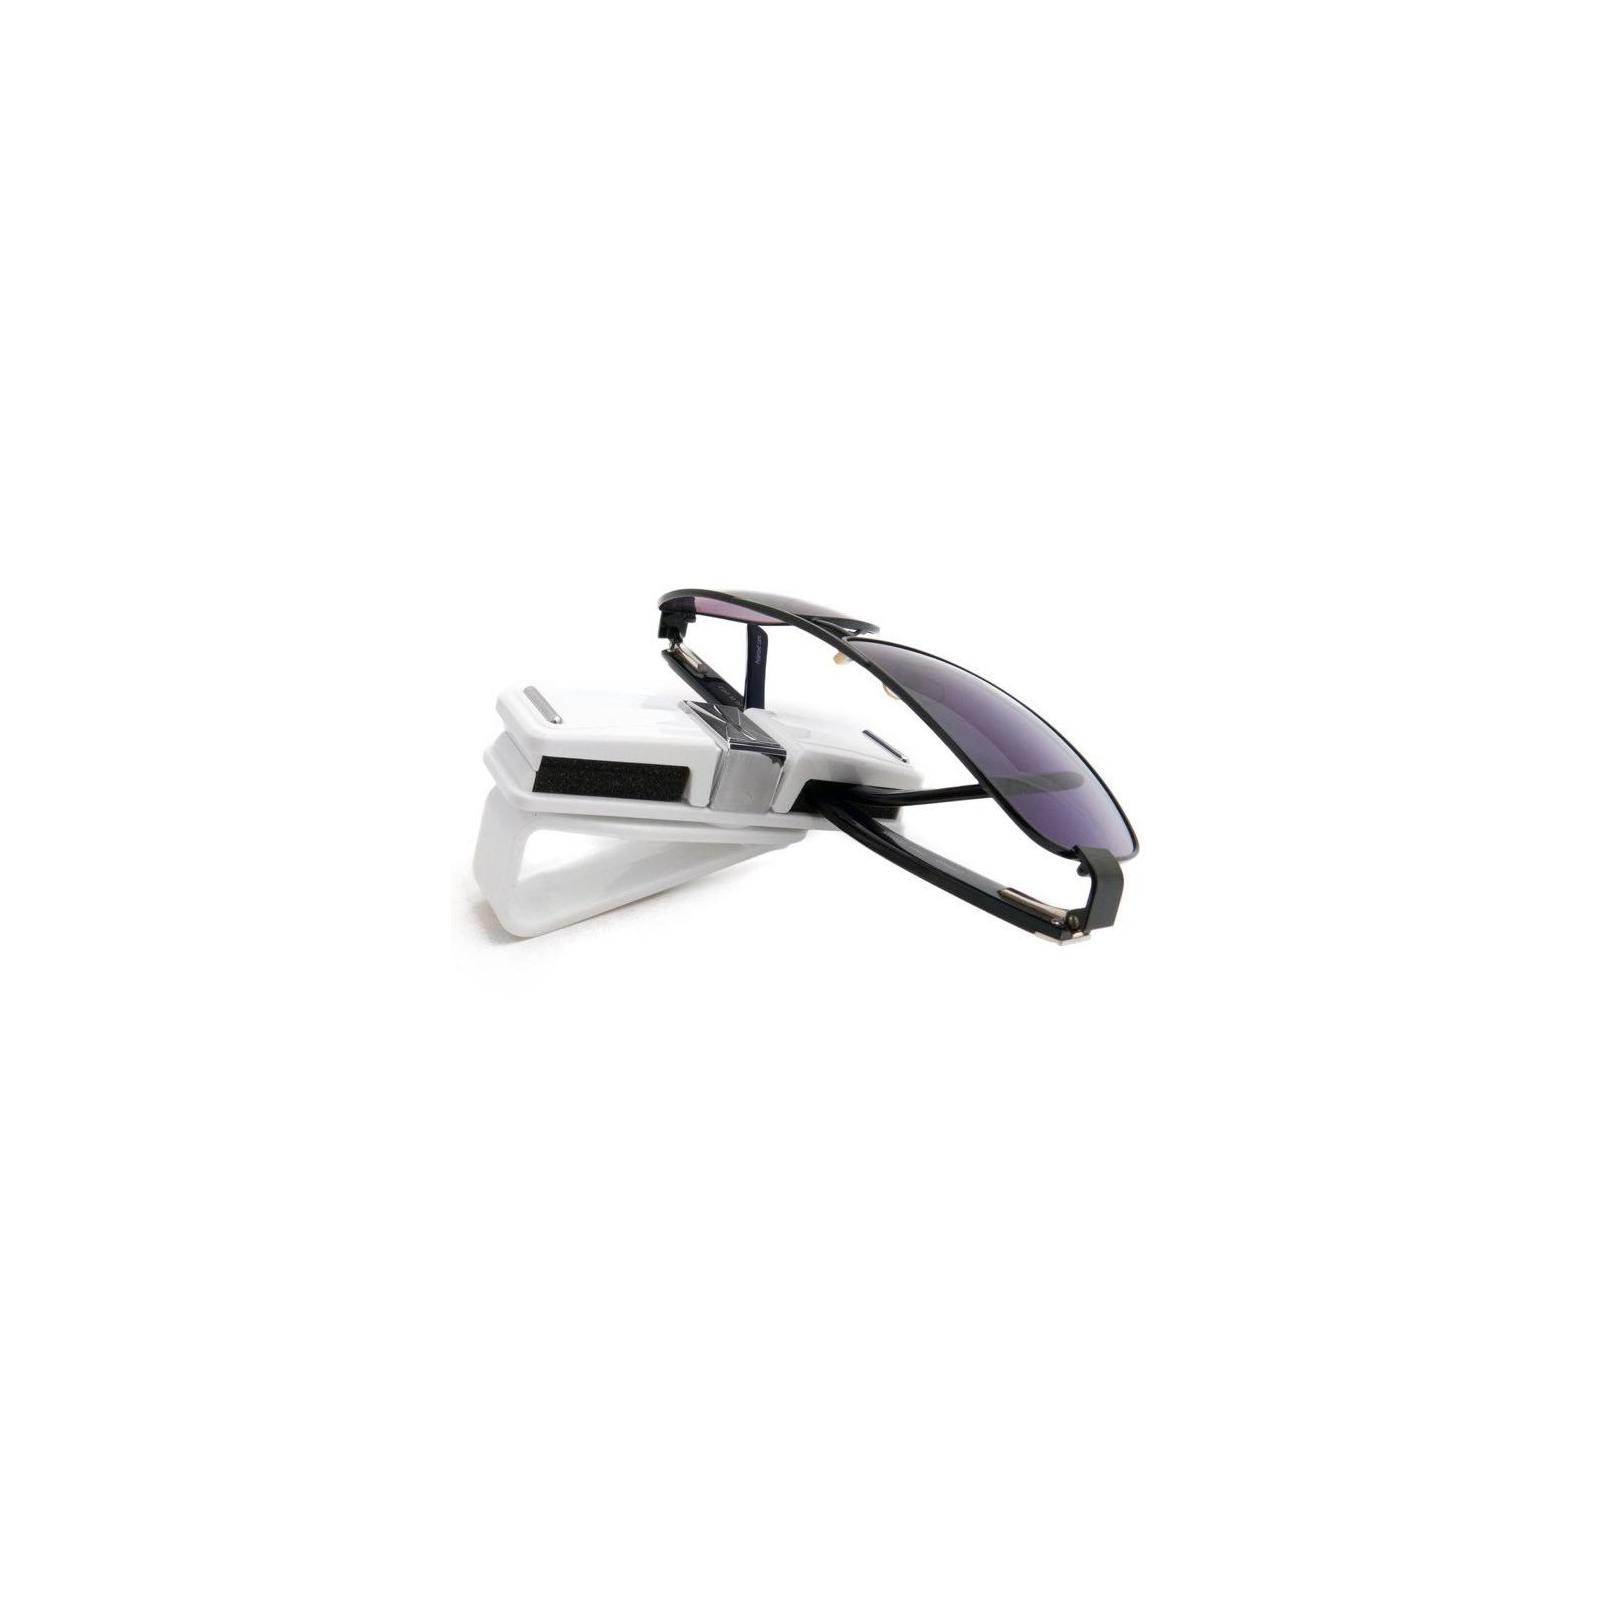 Универсальный автодержатель EXTRADIGITAL для очков Glasses Holder White (CGH4121) изображение 7